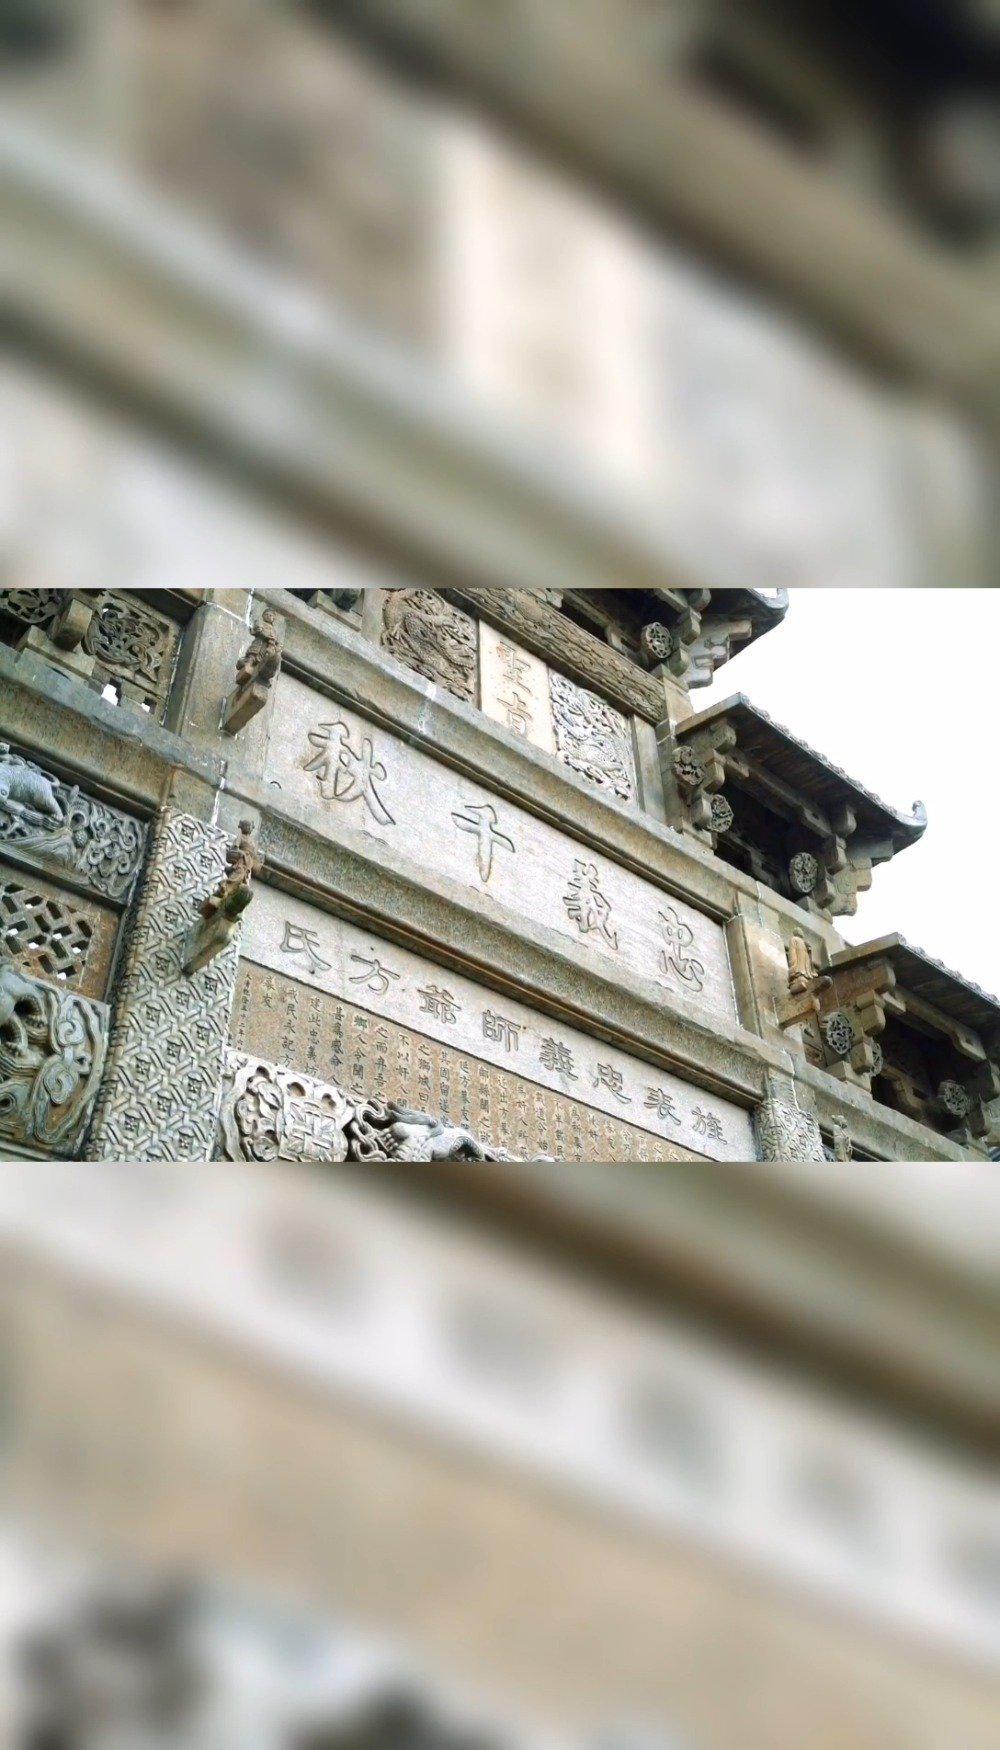 文渊狮城,这里是解密千岛湖唯一的钥匙